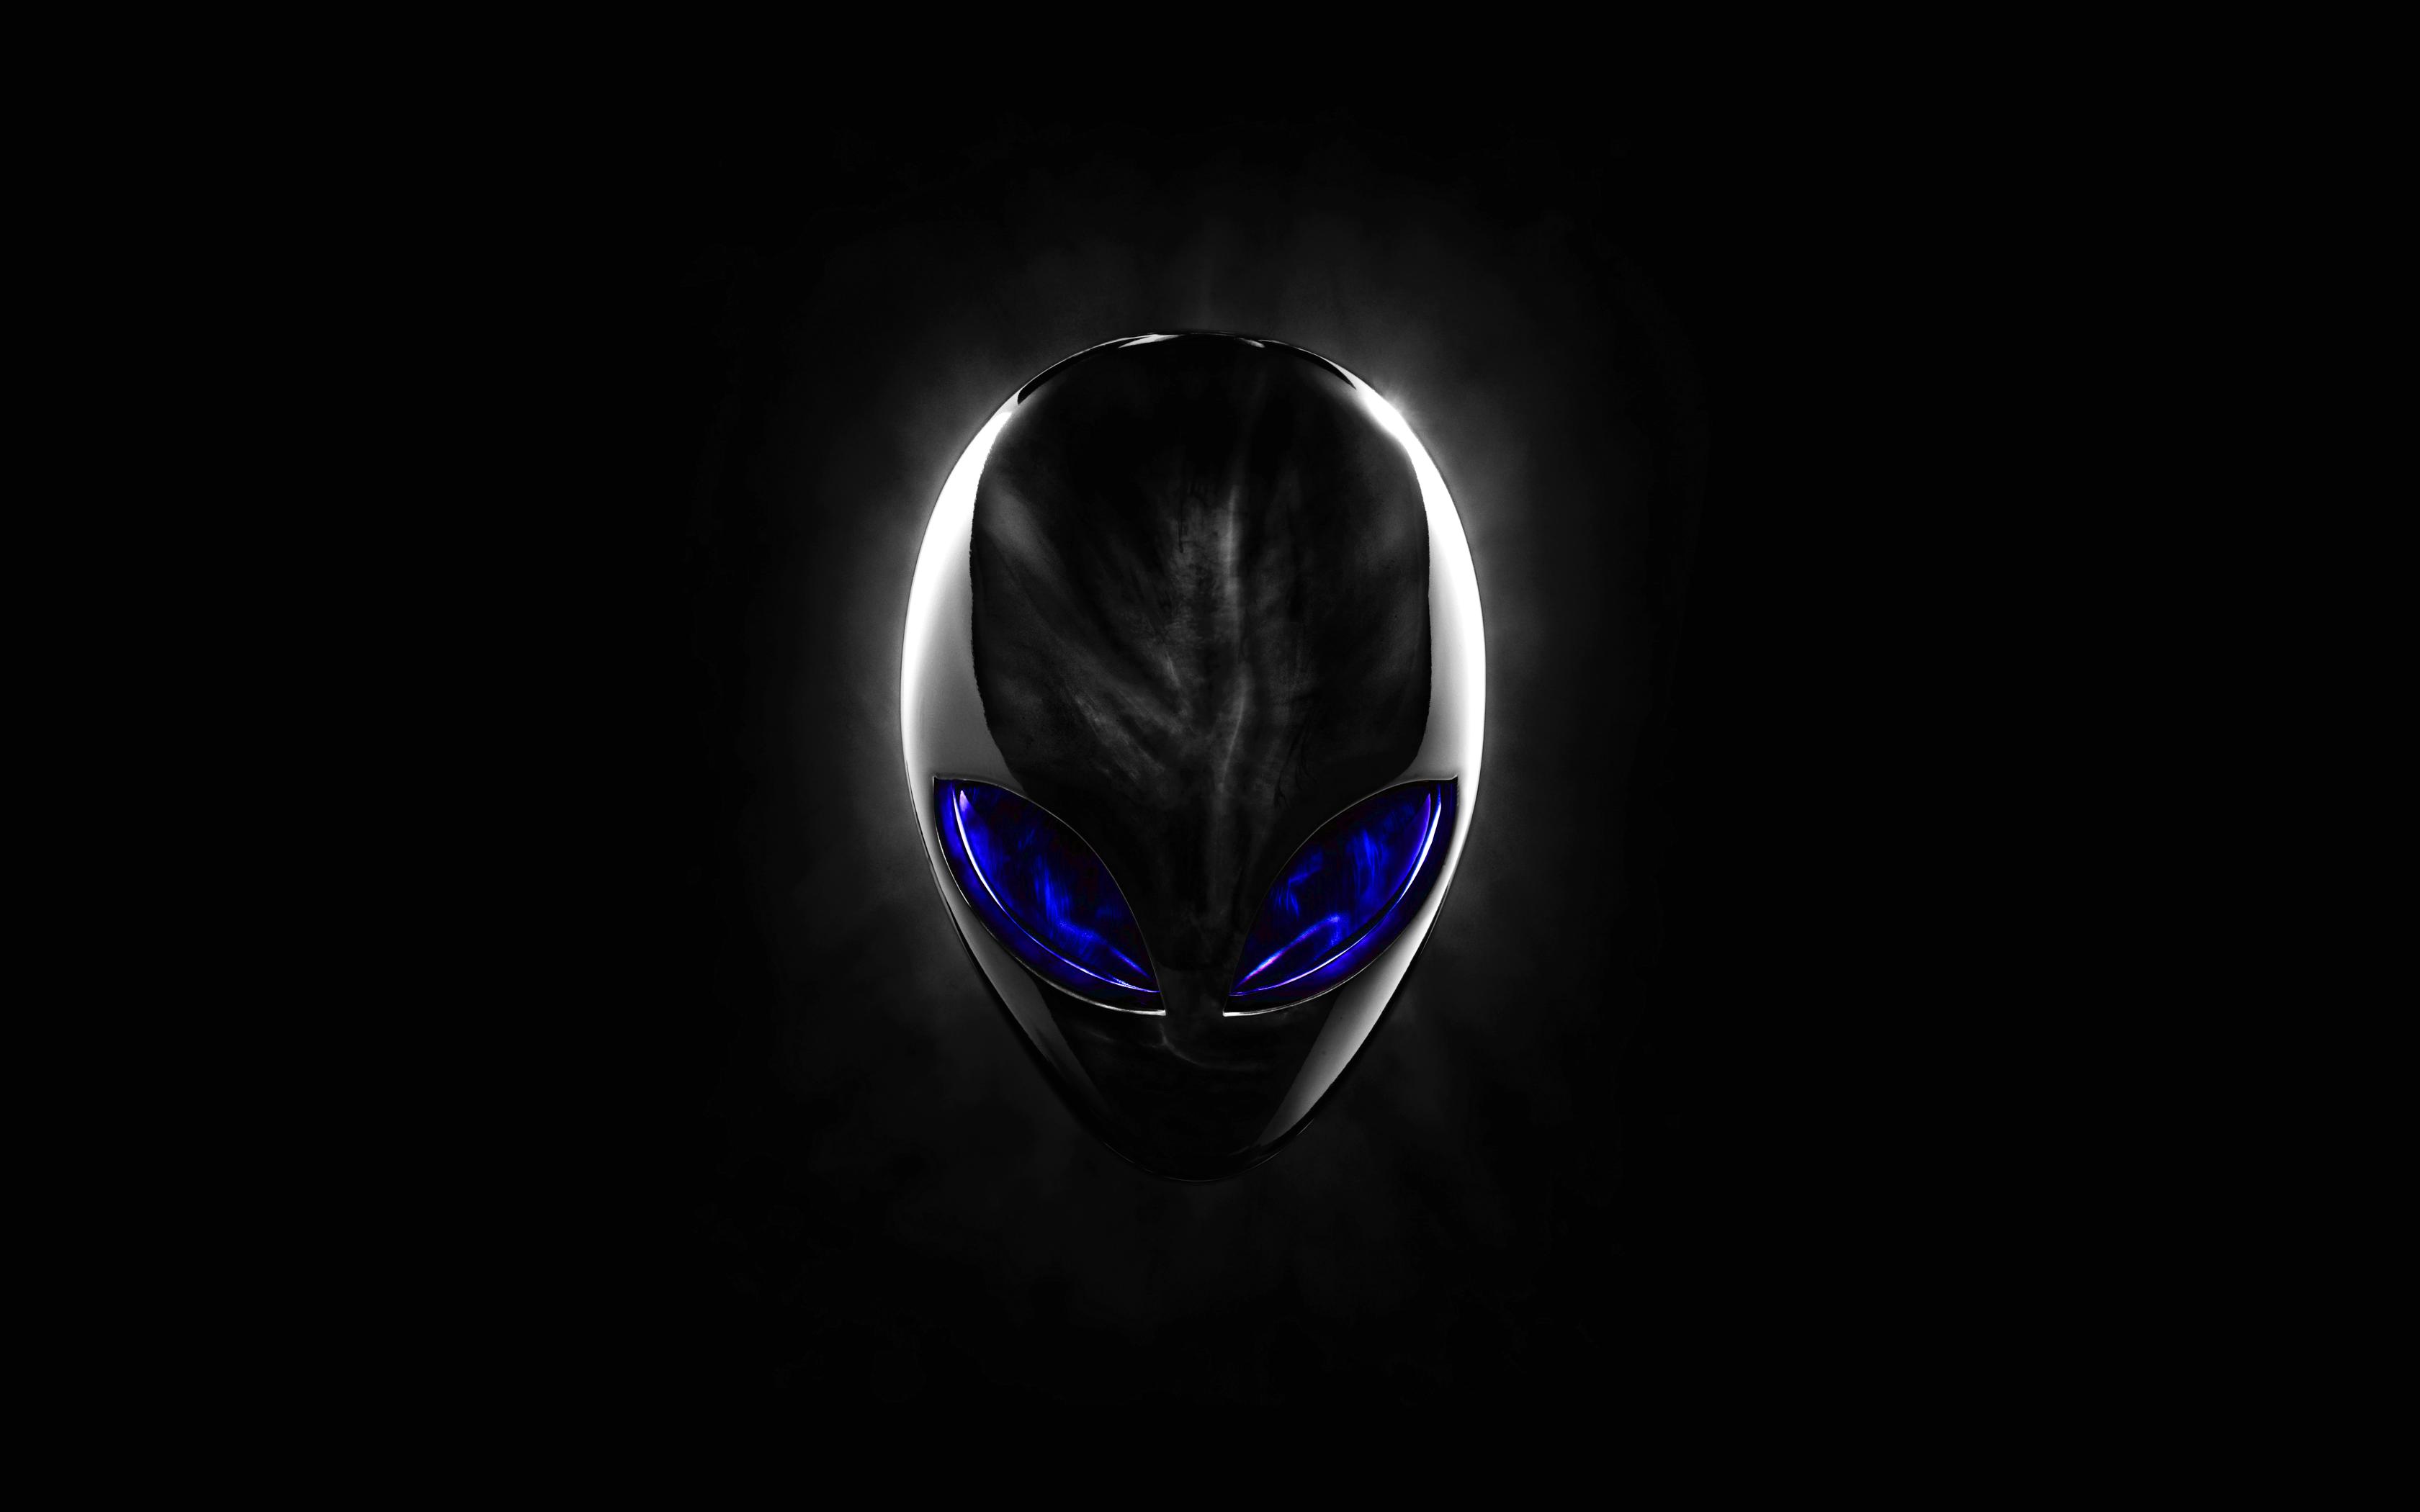 alienware 17 wallpaper - photo #9